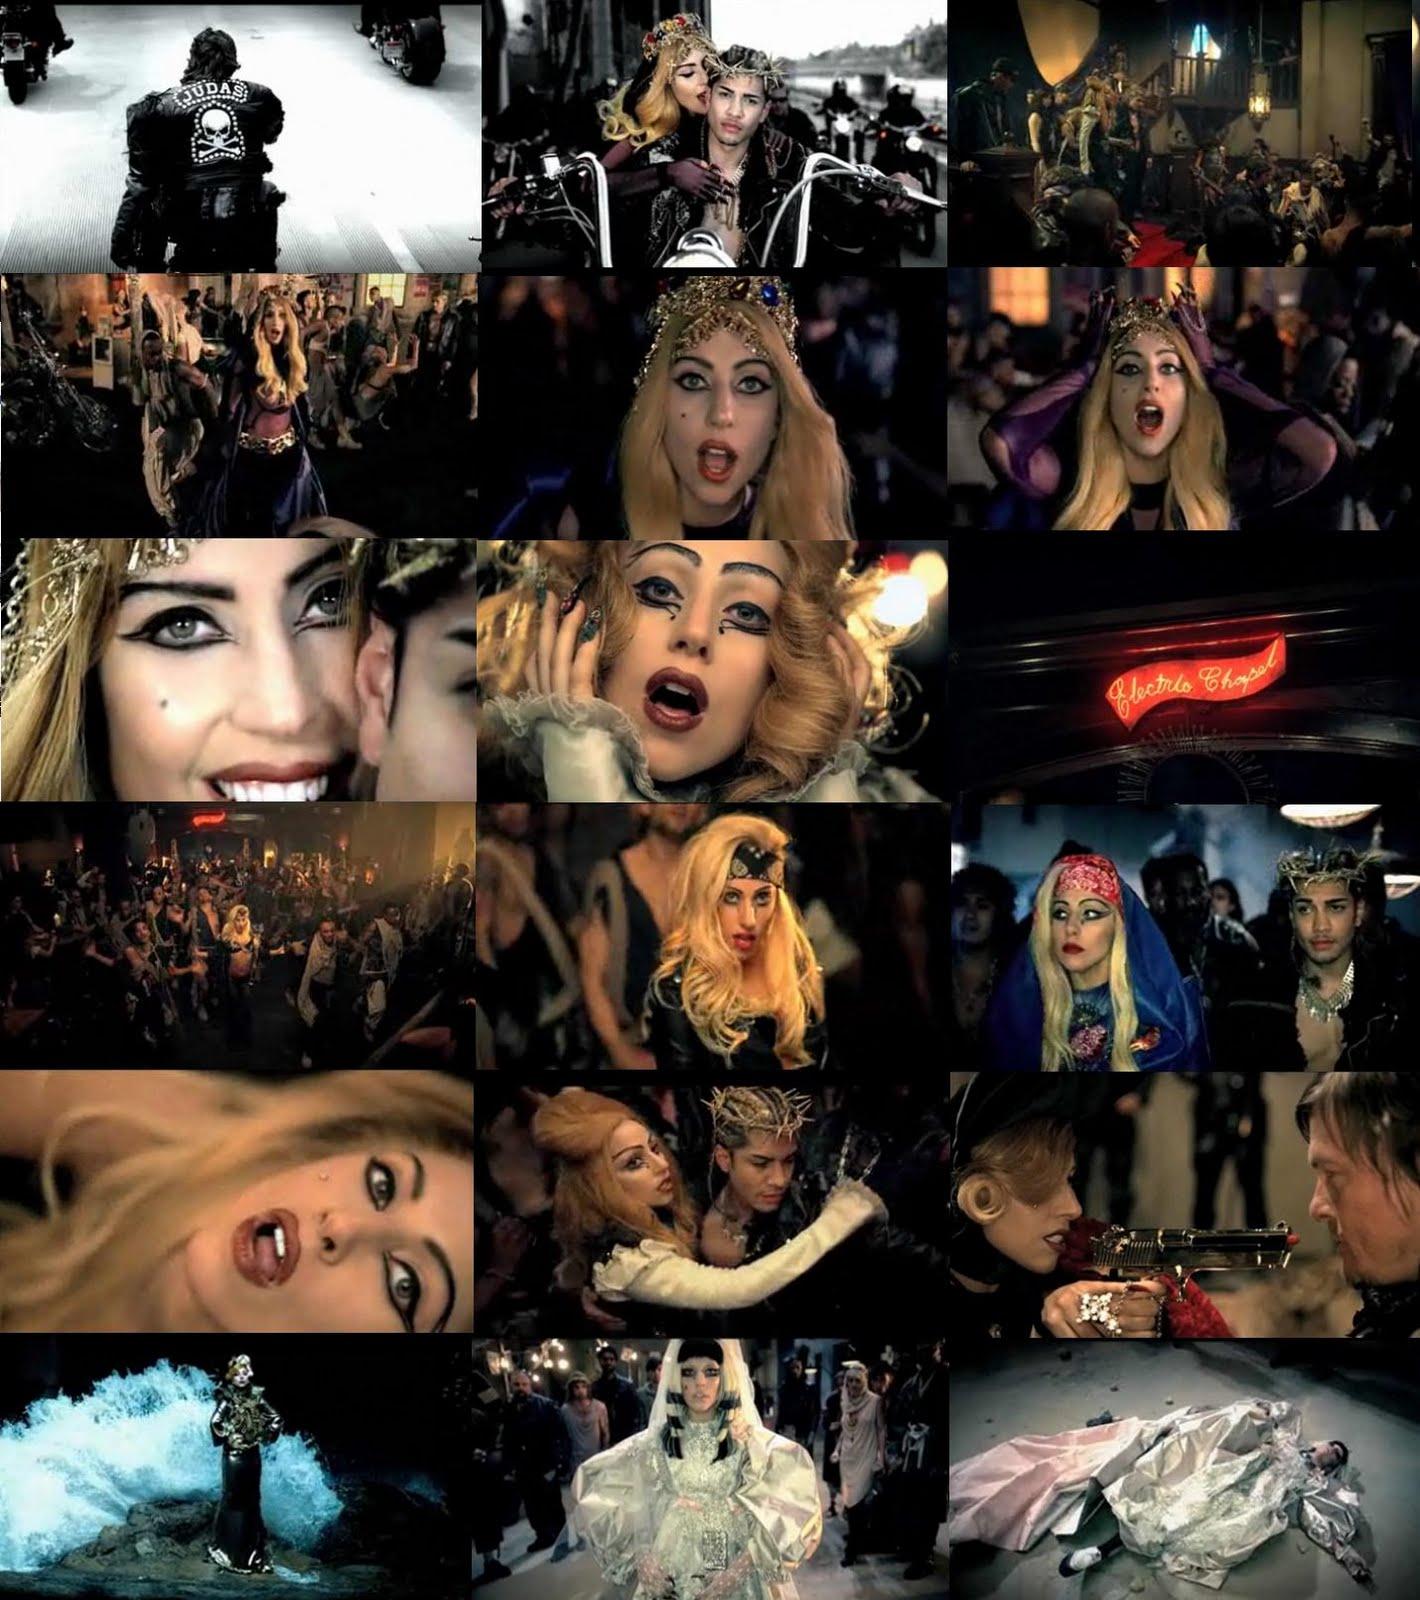 http://4.bp.blogspot.com/-ox-tNdDueV8/TcLUhRuvZUI/AAAAAAAAAG4/W3IUnni-9EU/s1600/Lady+Gaga_Judas4.JPG